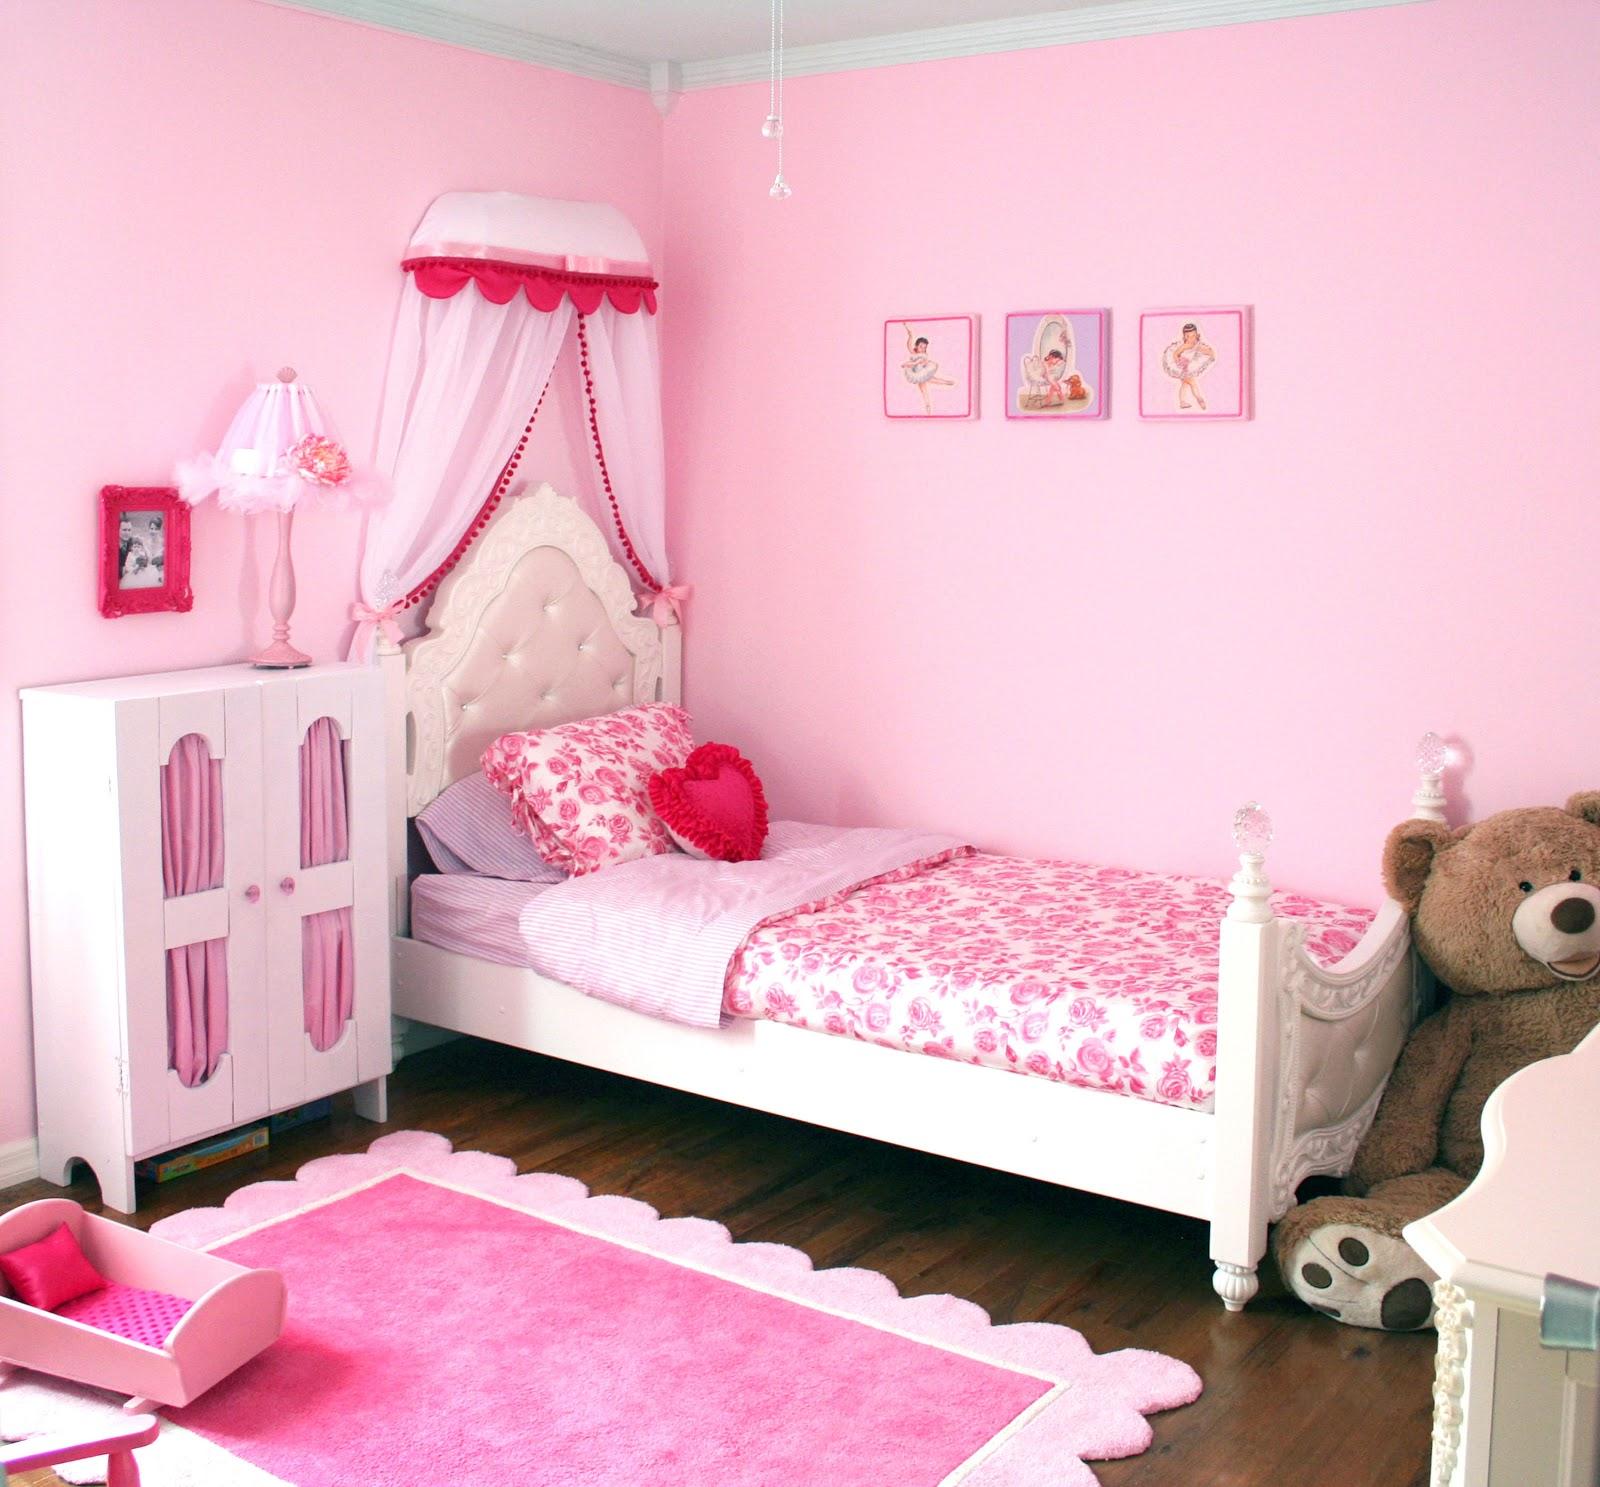 Moms Eat Cold Food: Toddler Princess Room - Finished!